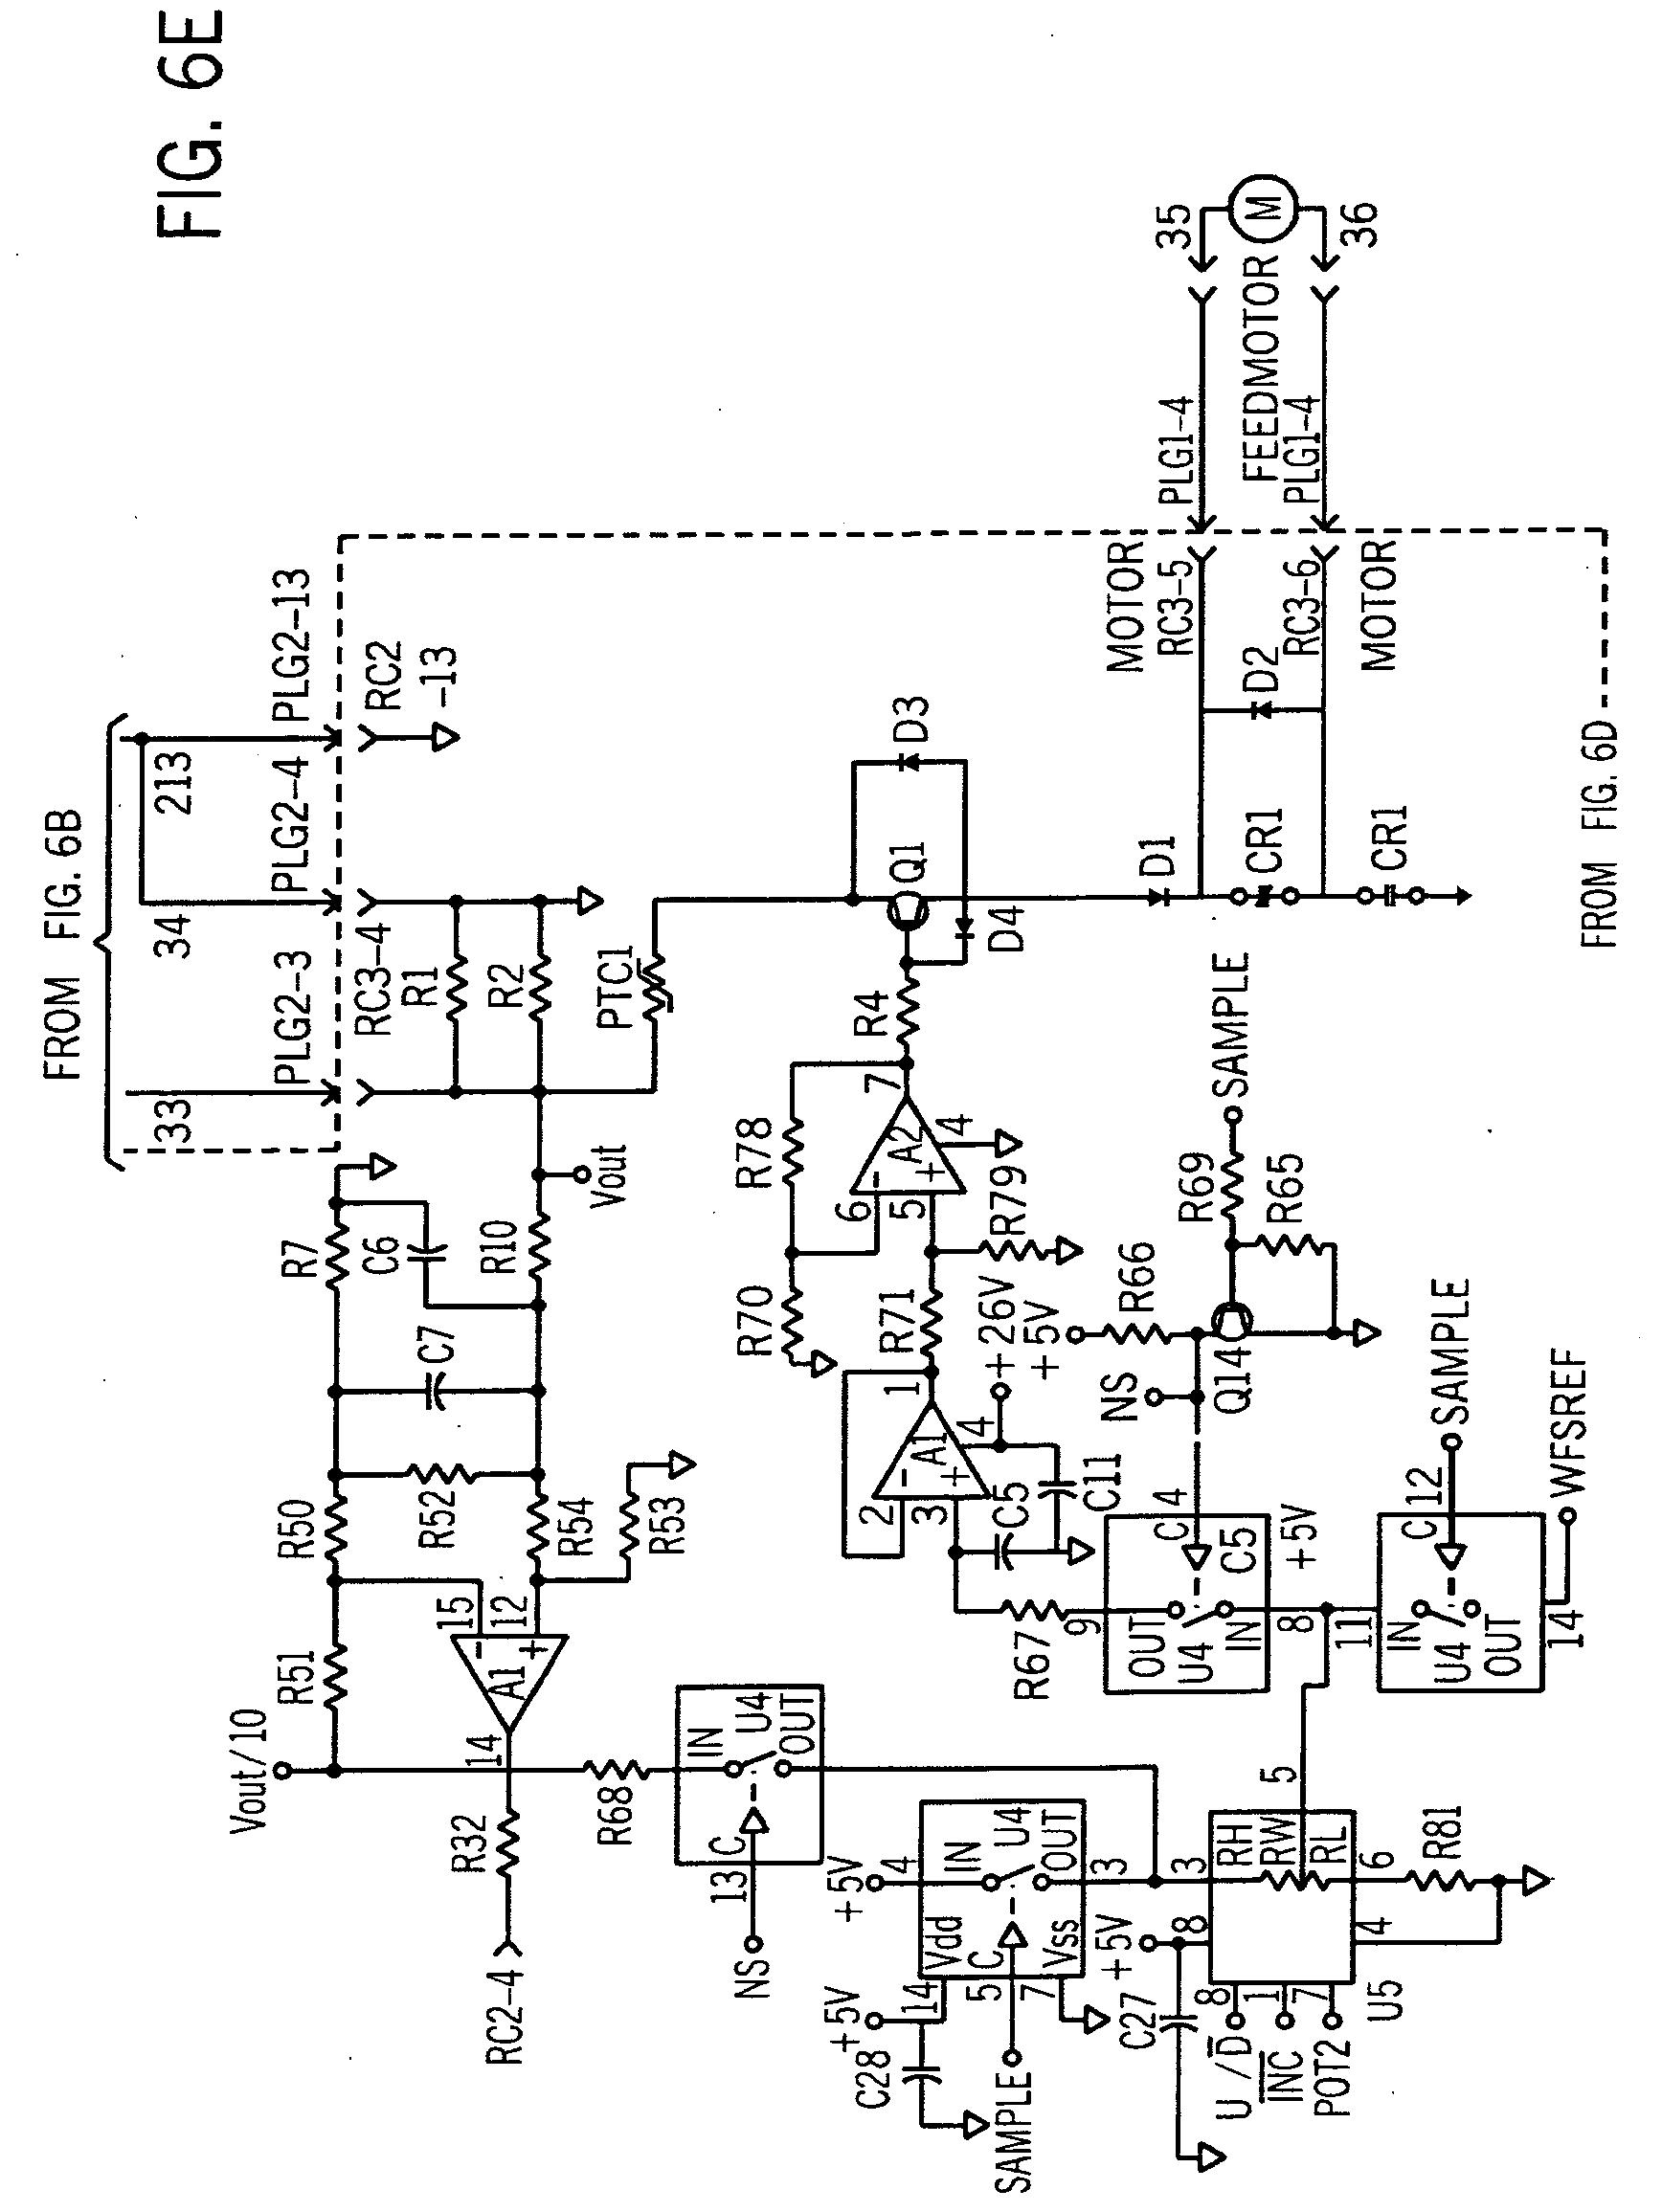 tags: #old hobart welder manuals#stick welder wiring diagram#old hobart  welder wiring diagram#hobart welder schematic#welder generator wiring